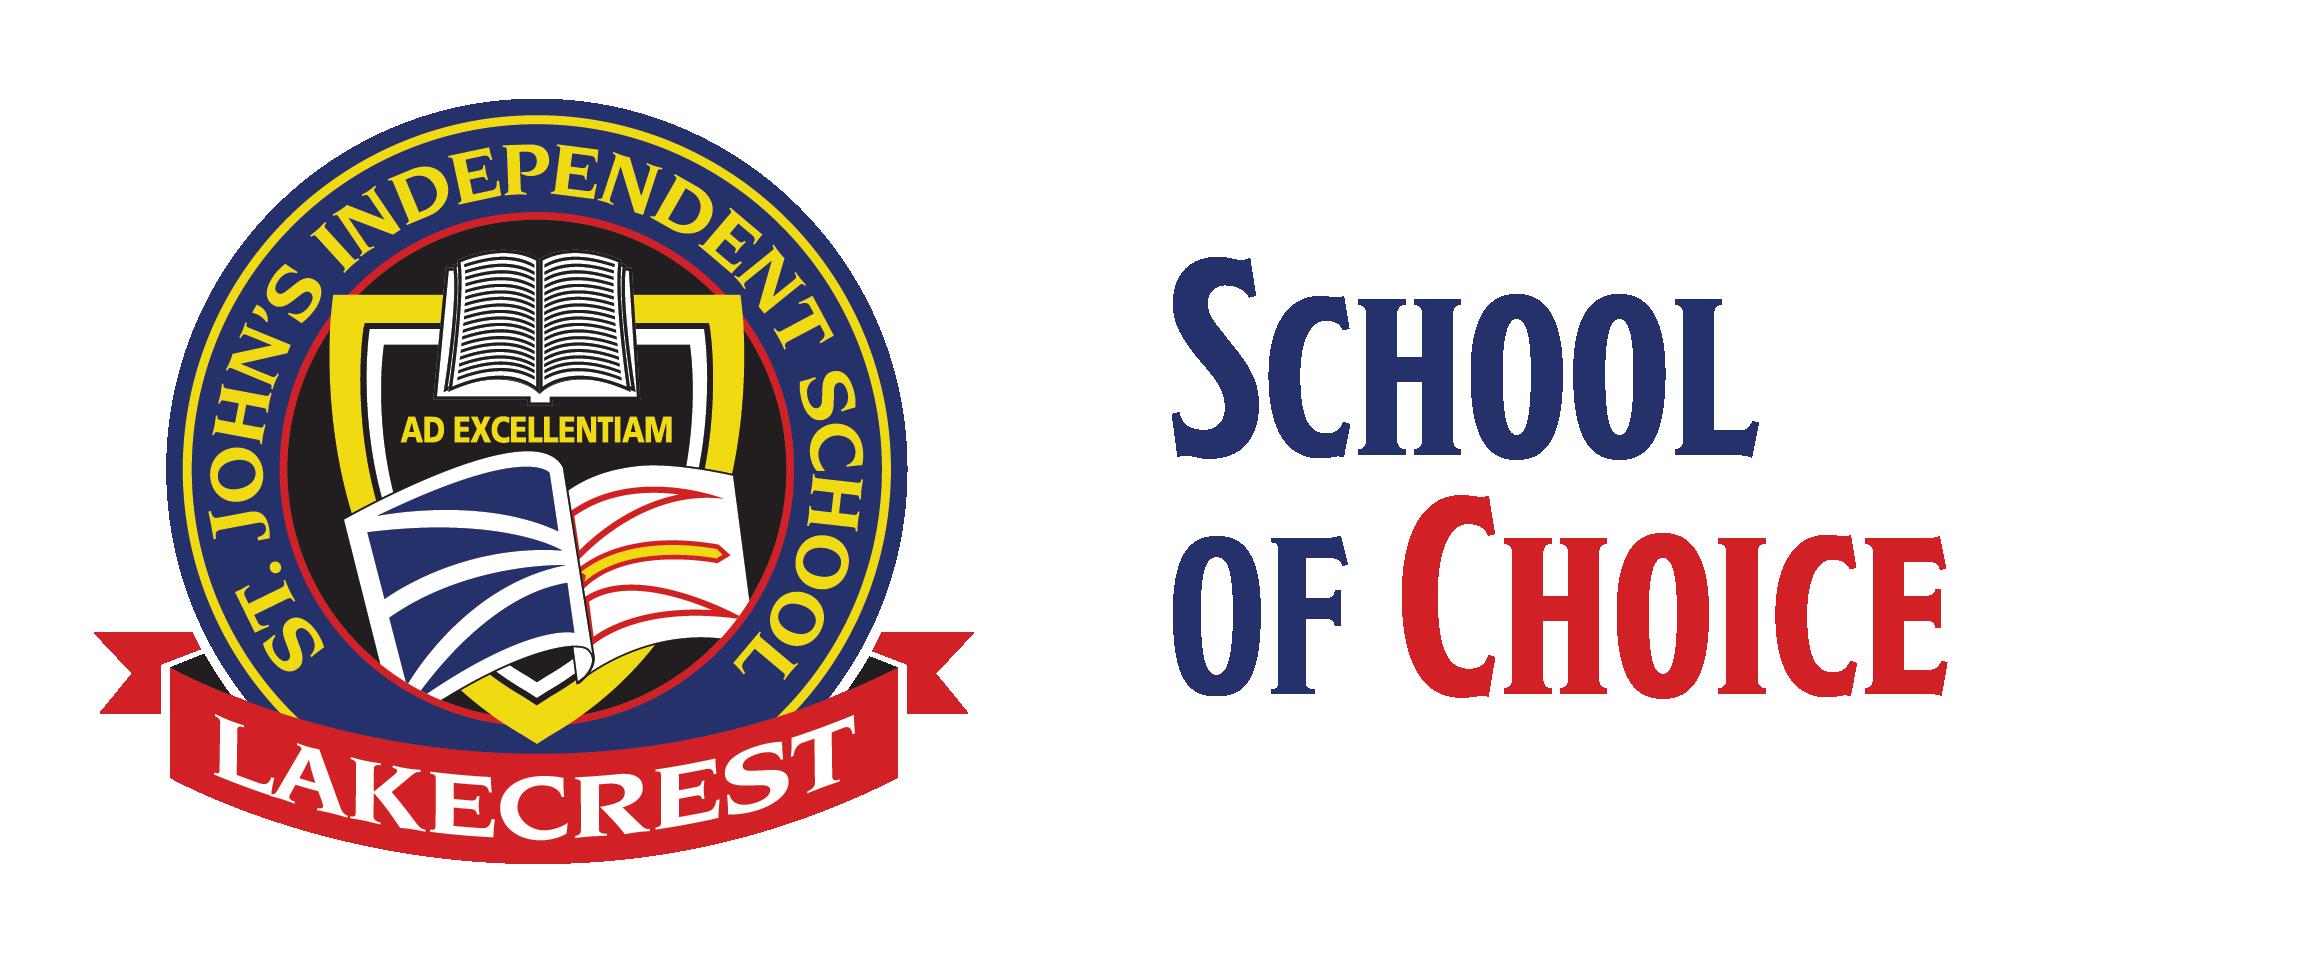 Lakecrest Independent School